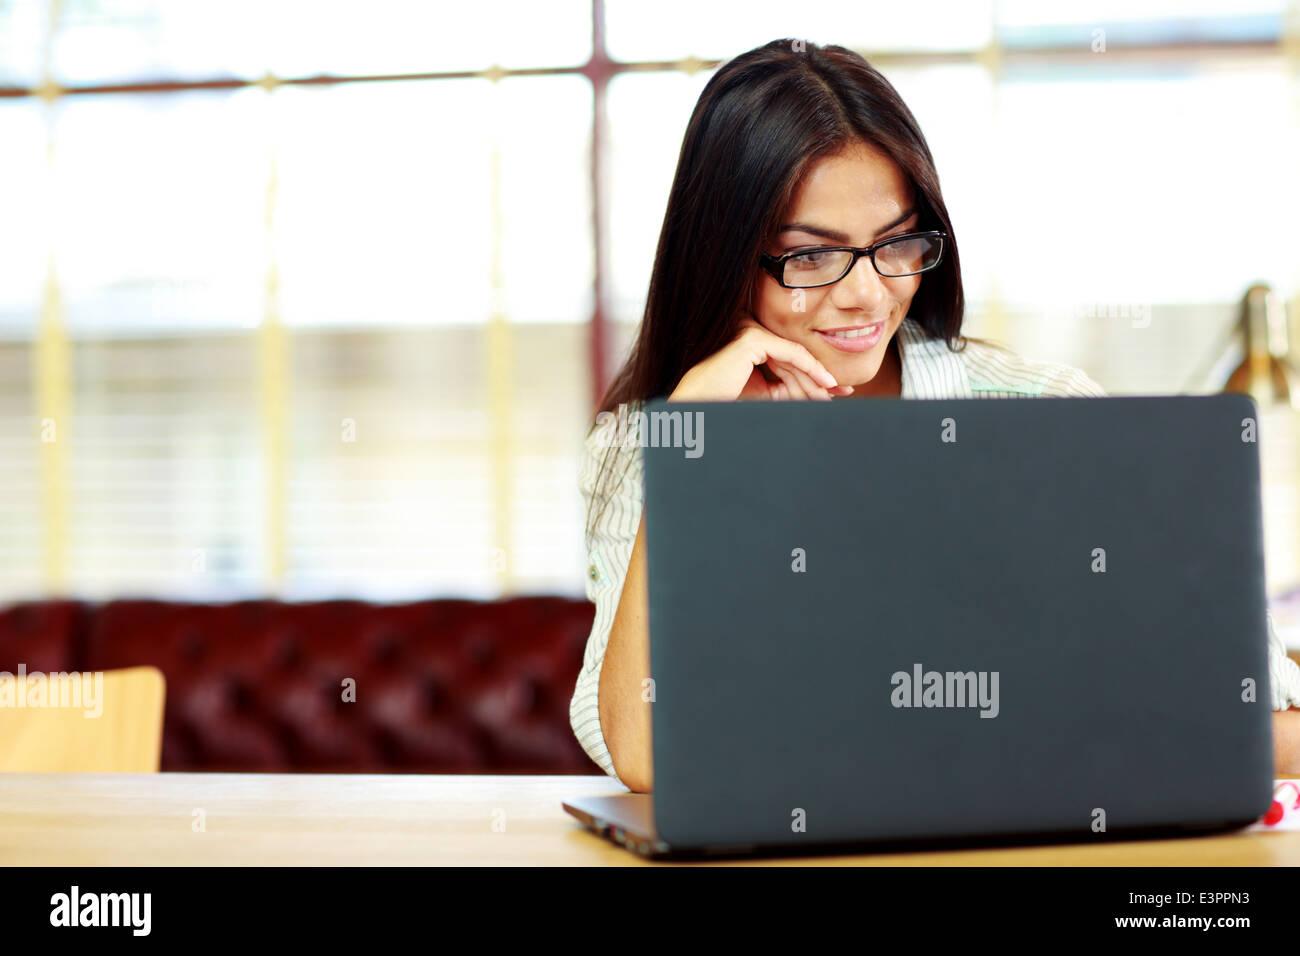 Felice imprenditrice lavorando sul computer portatile in ufficio Immagini Stock